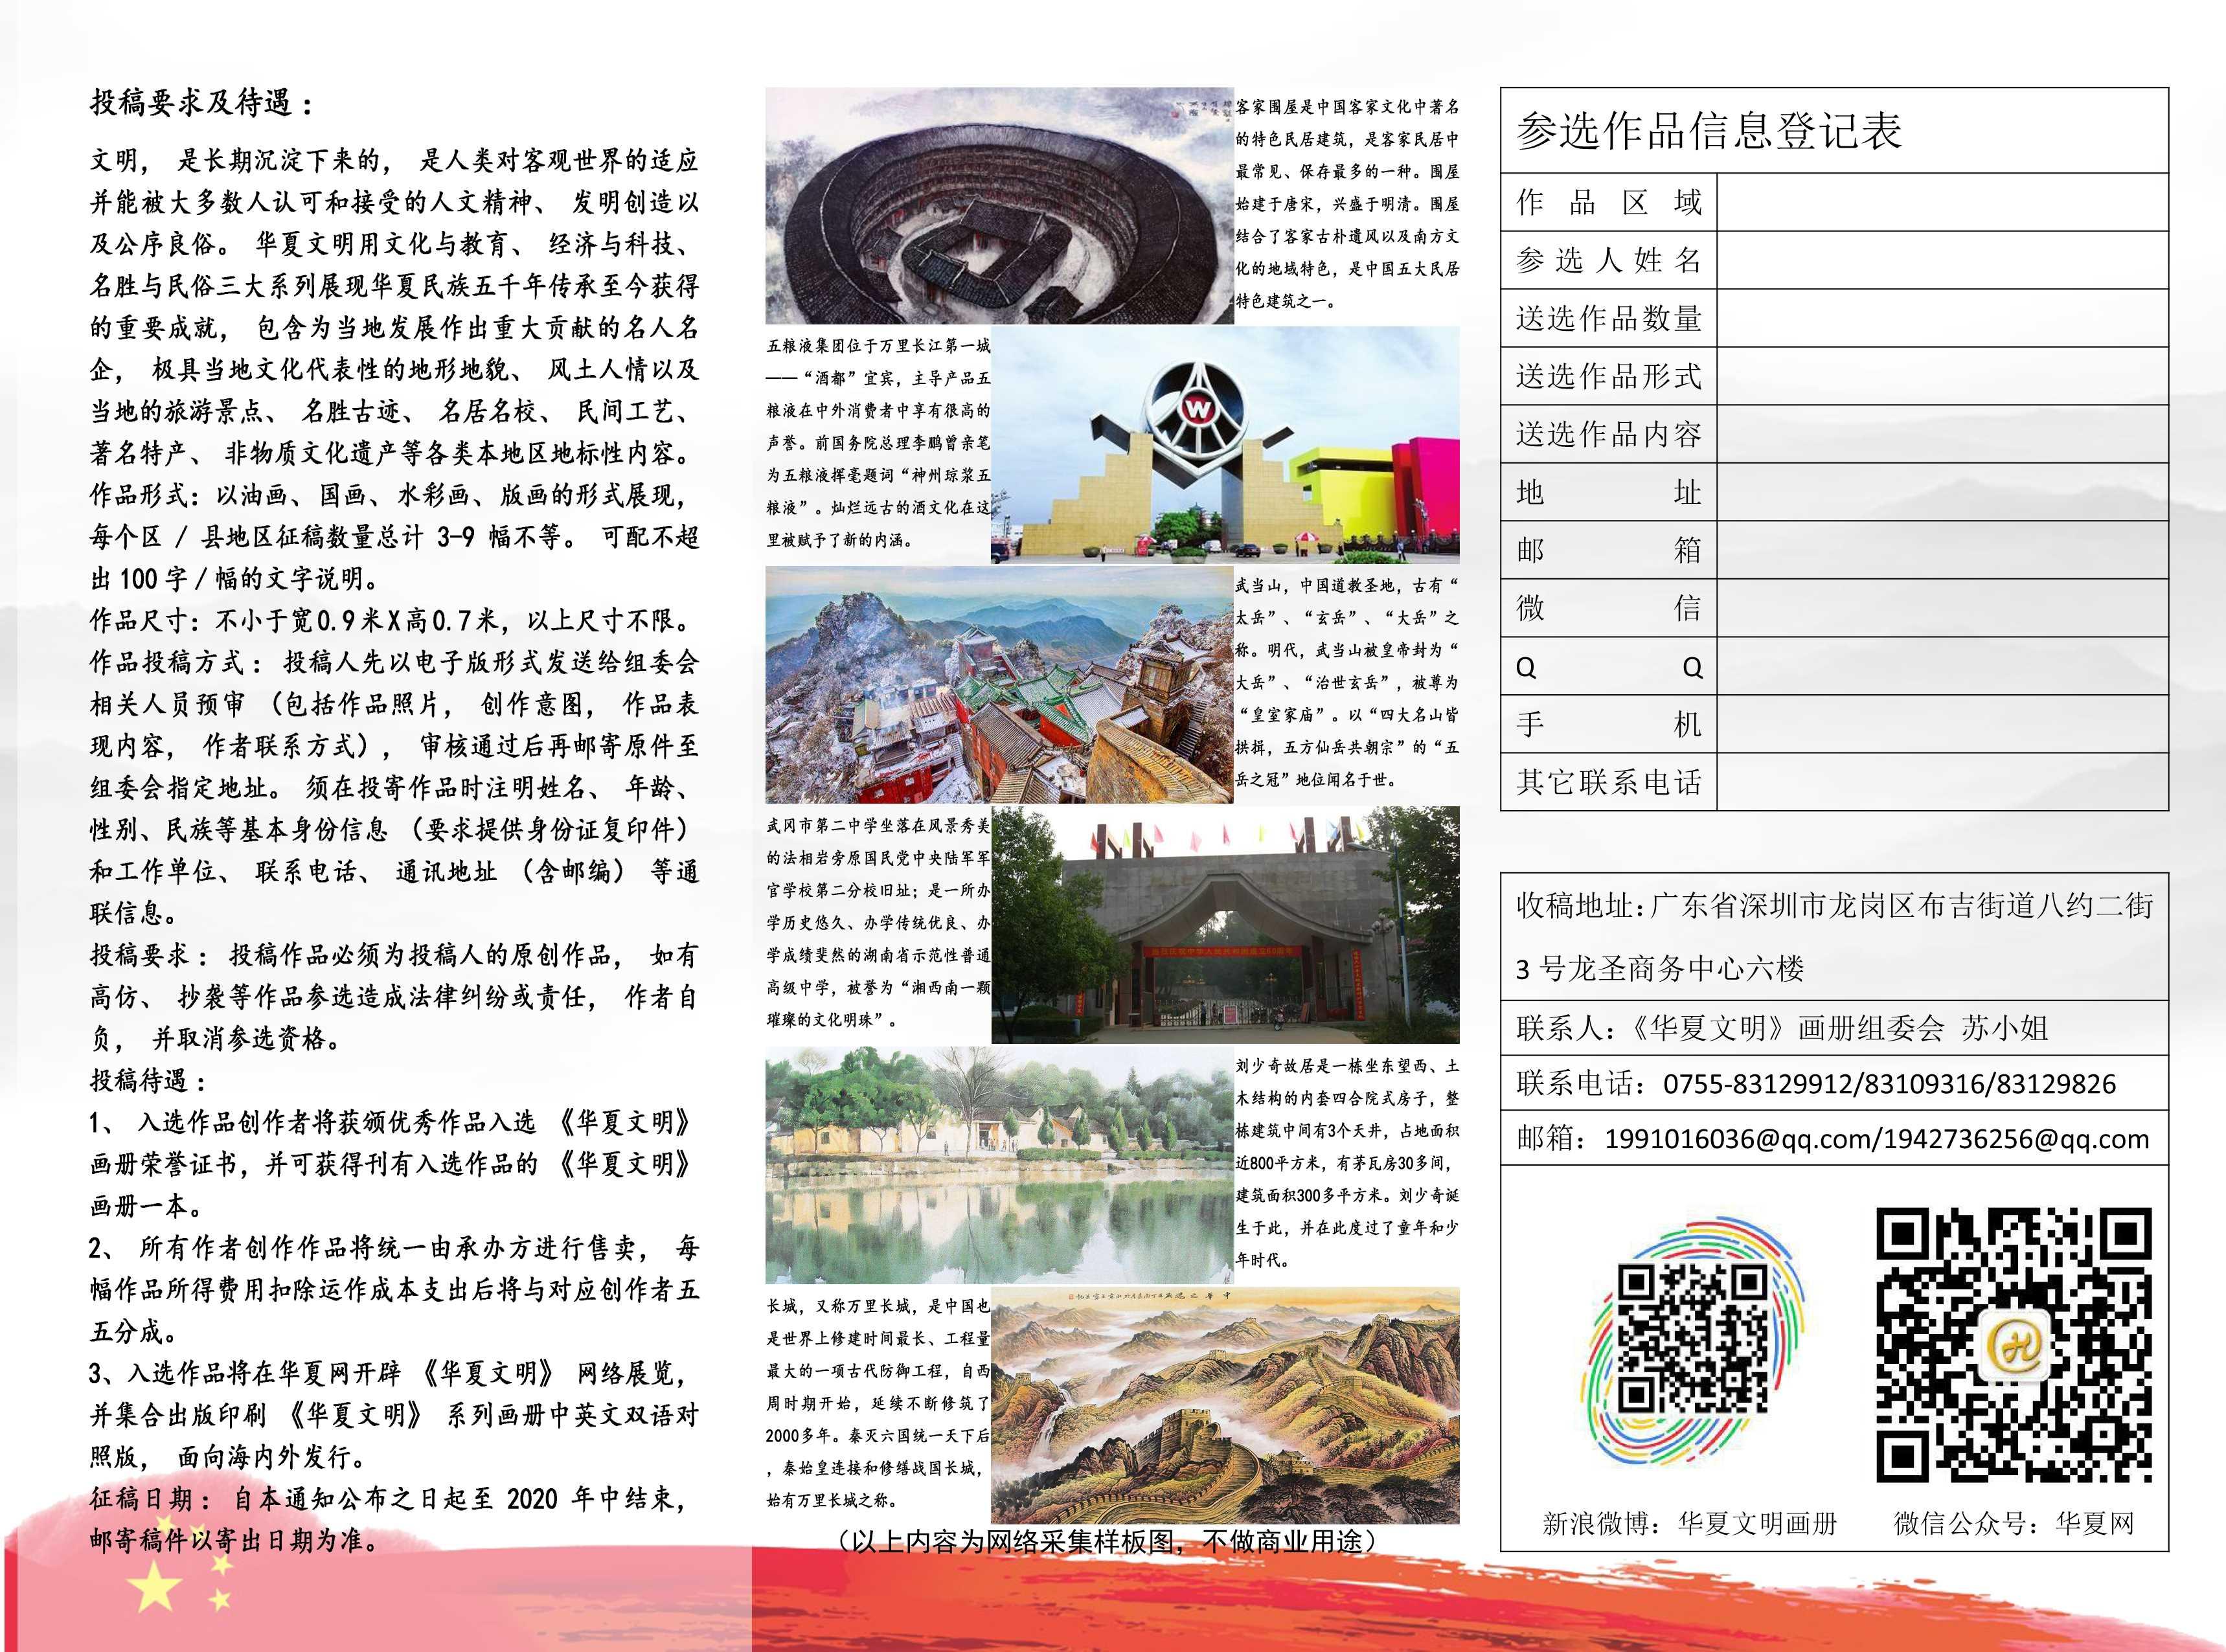 華夏文明2